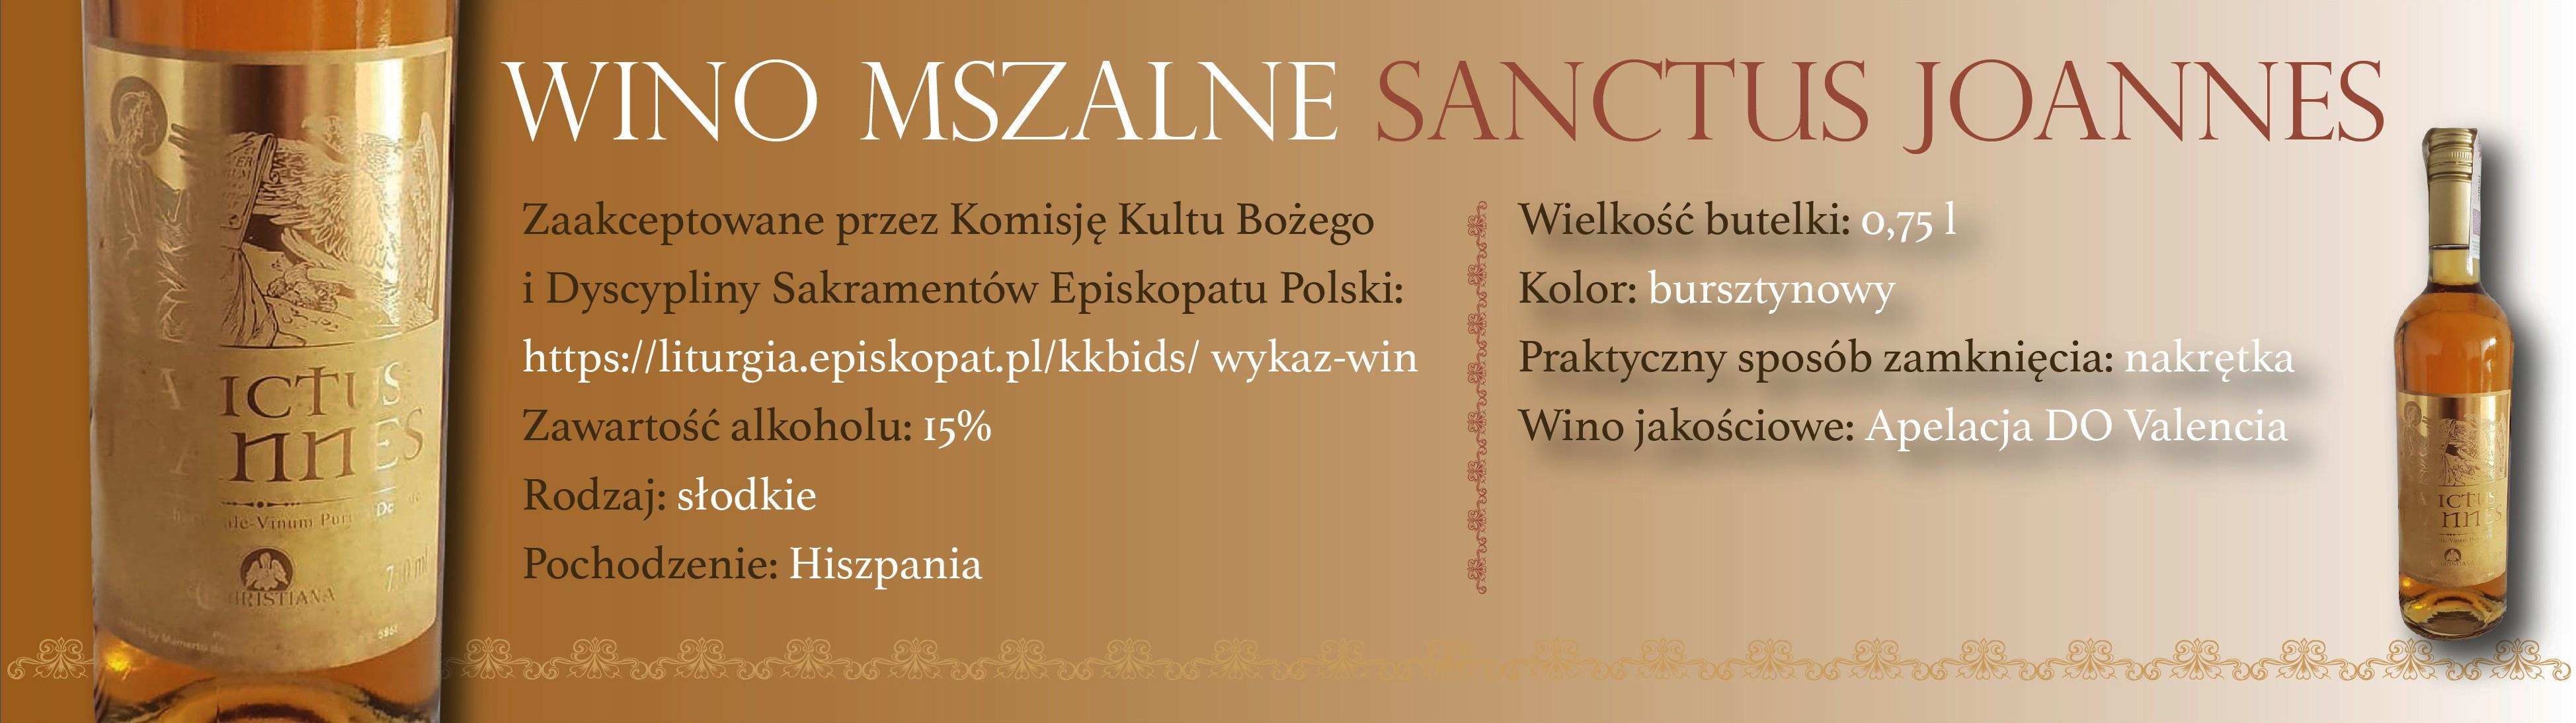 Baner - wino